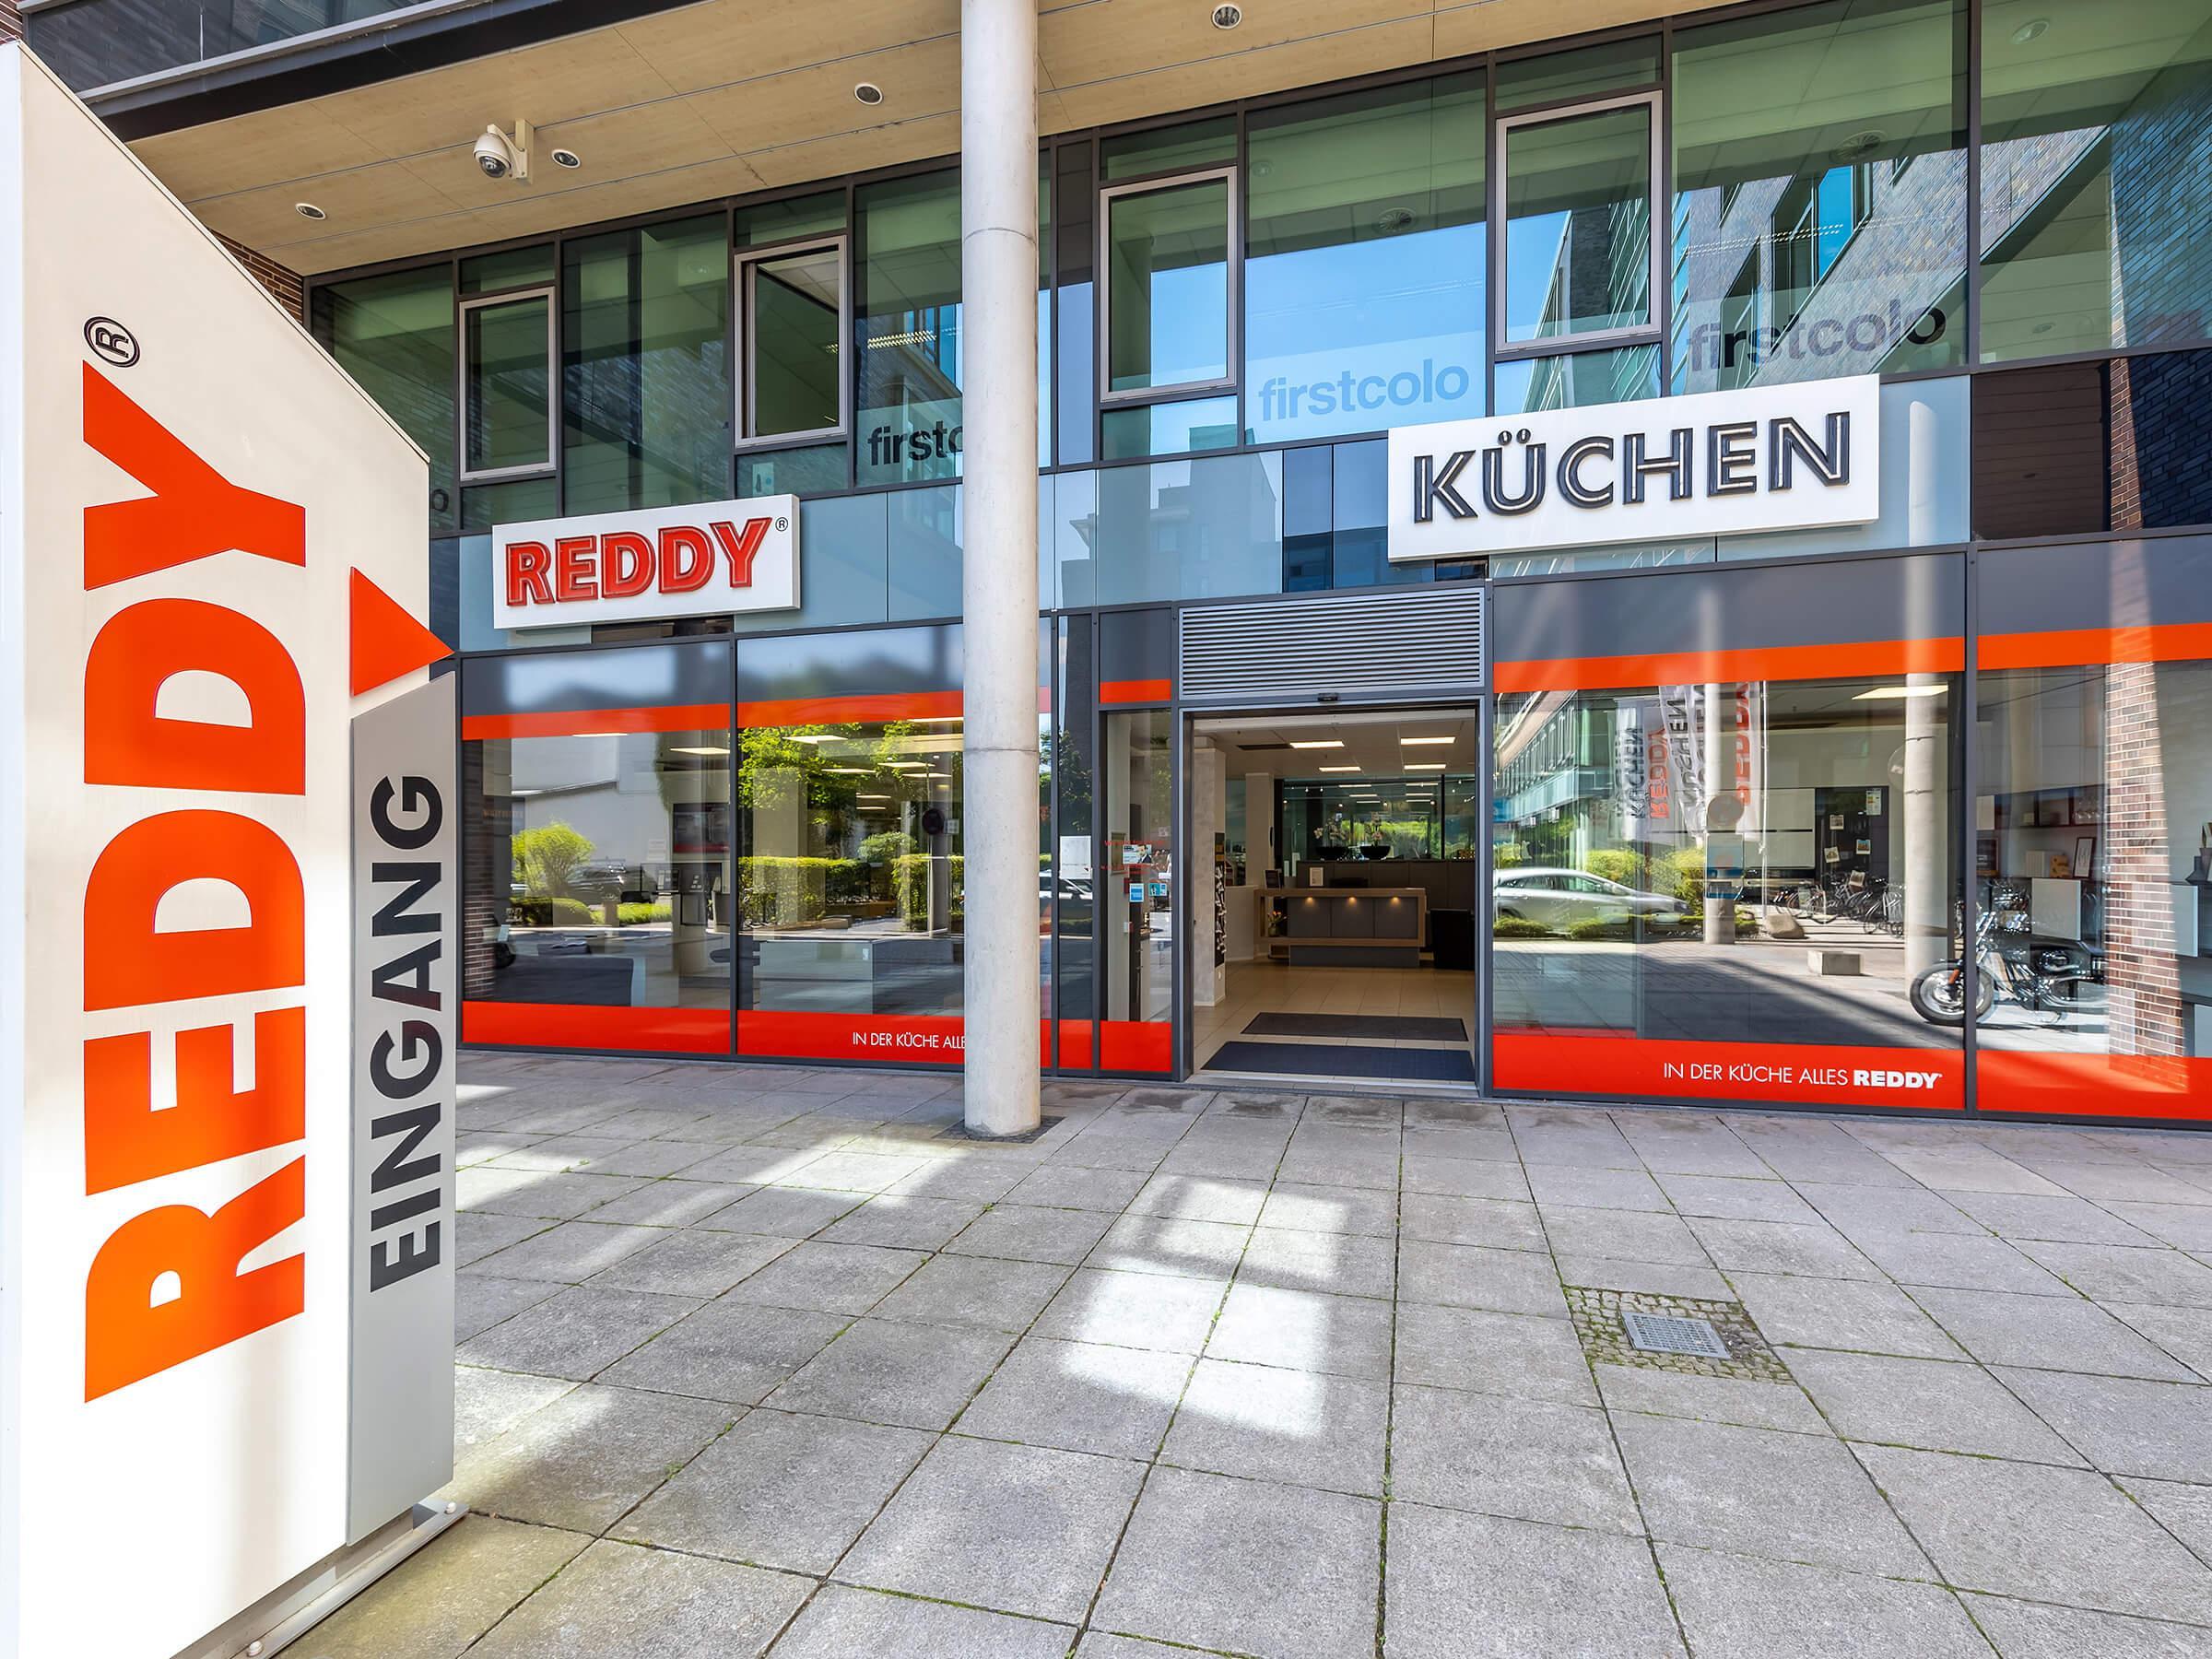 reddy küchen frankfurt: tolle küchen & top-service - Küche Reddy